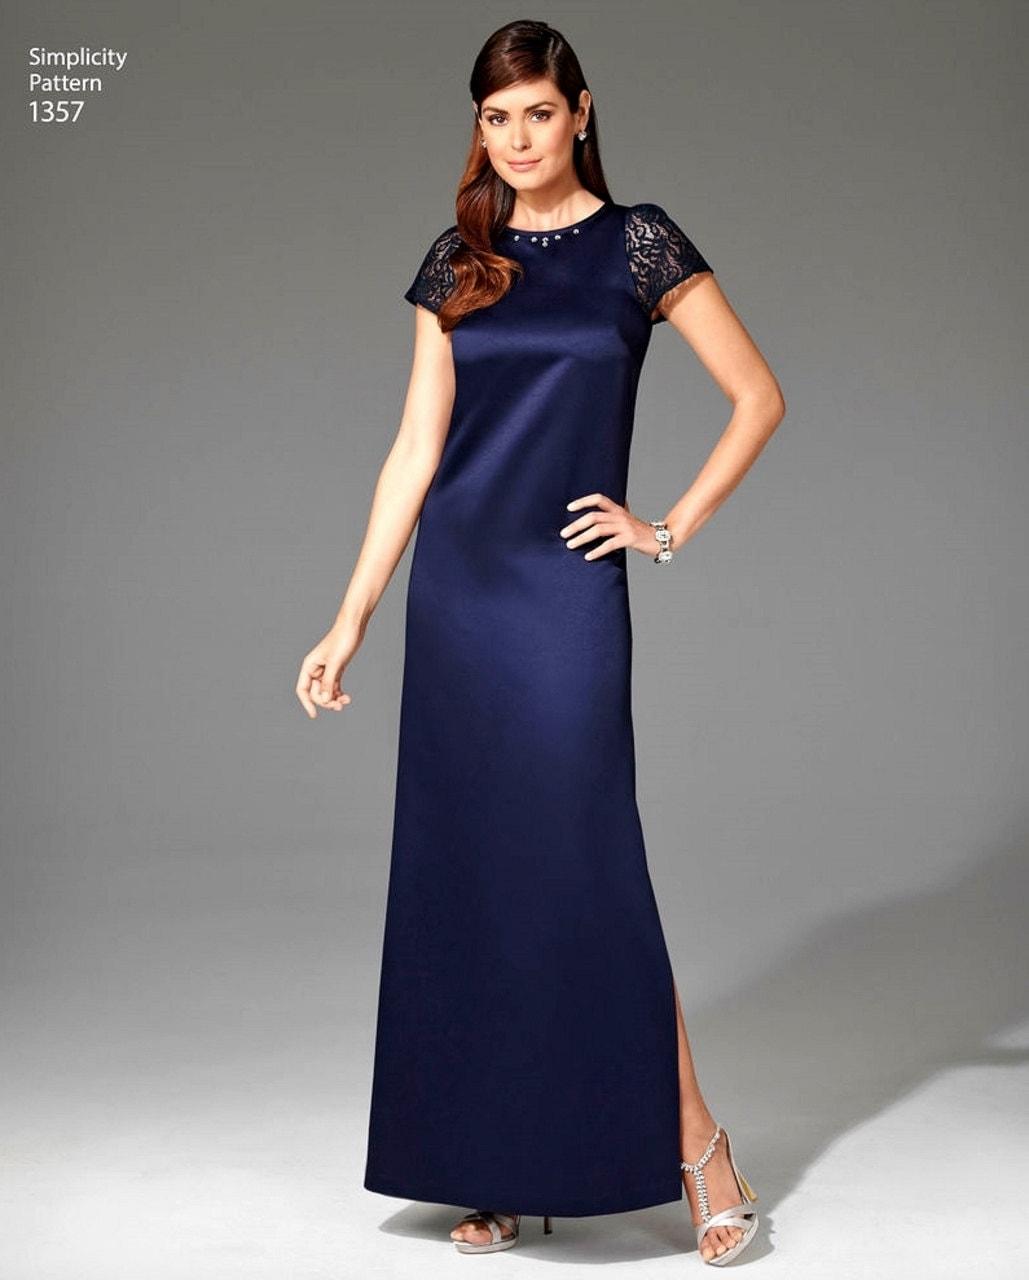 A-Line Dress Pattern, Evening Dress Pattern, Women's Dress ...